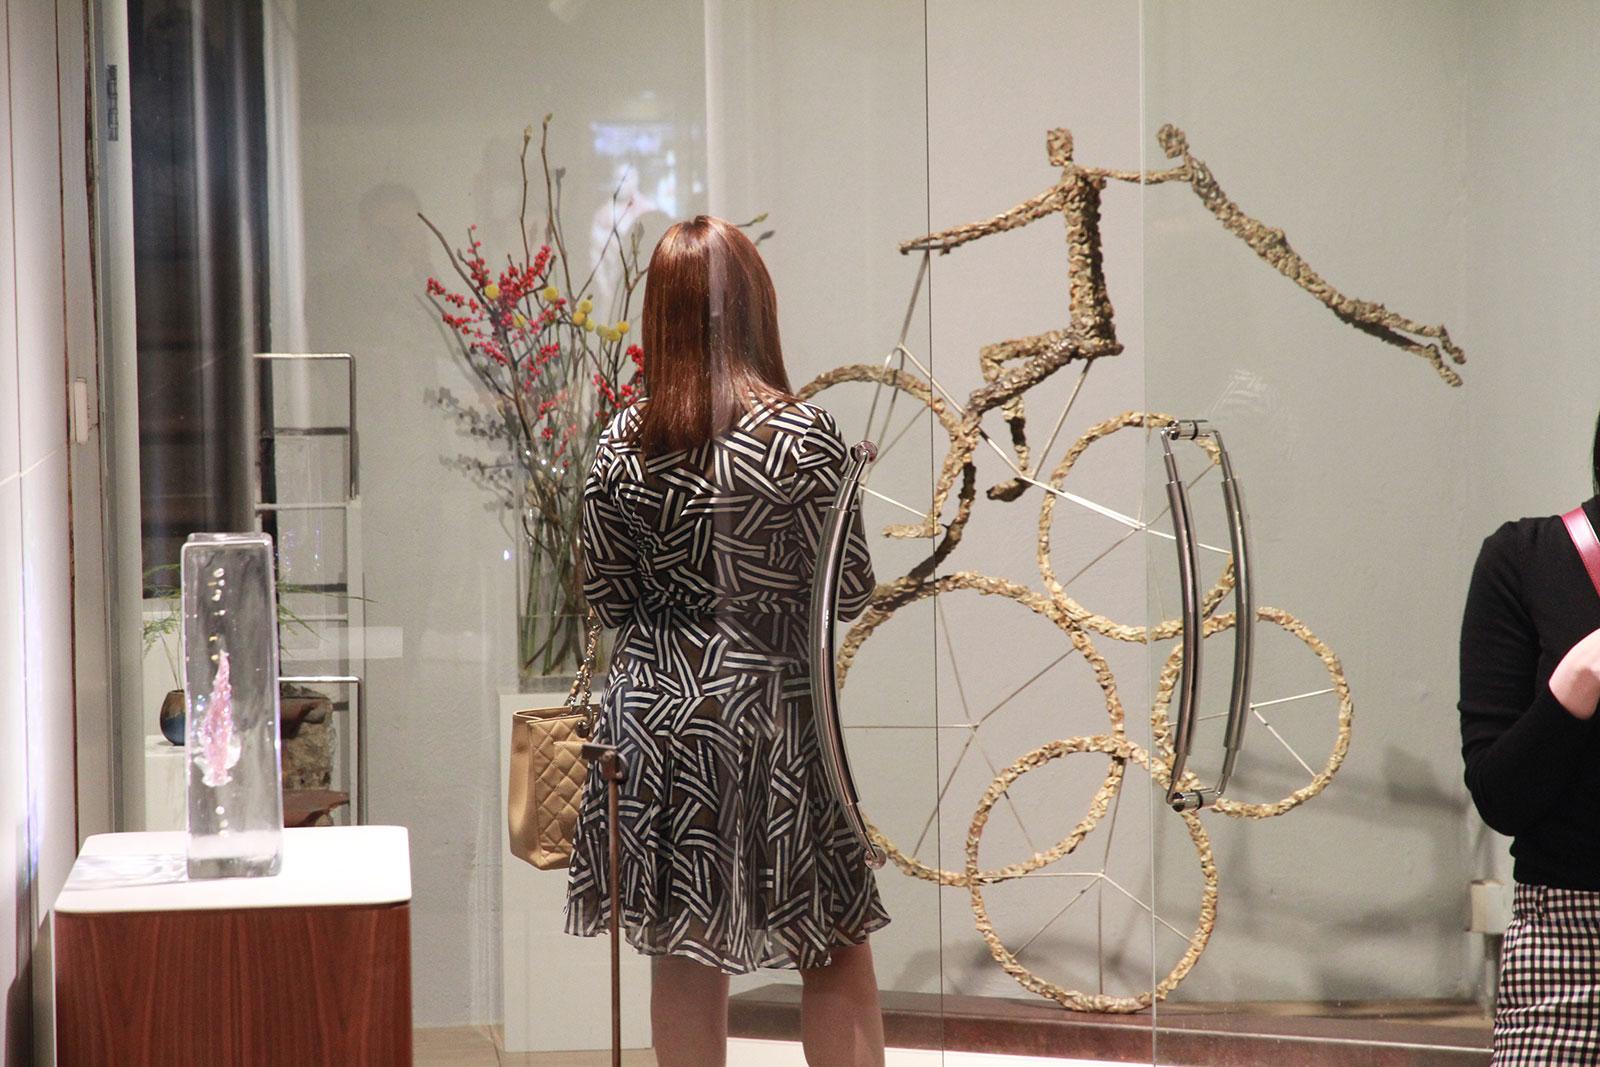 La sculpteure française Val - Valérie Goutard - avec Wellington Gallery avec Sculptureval